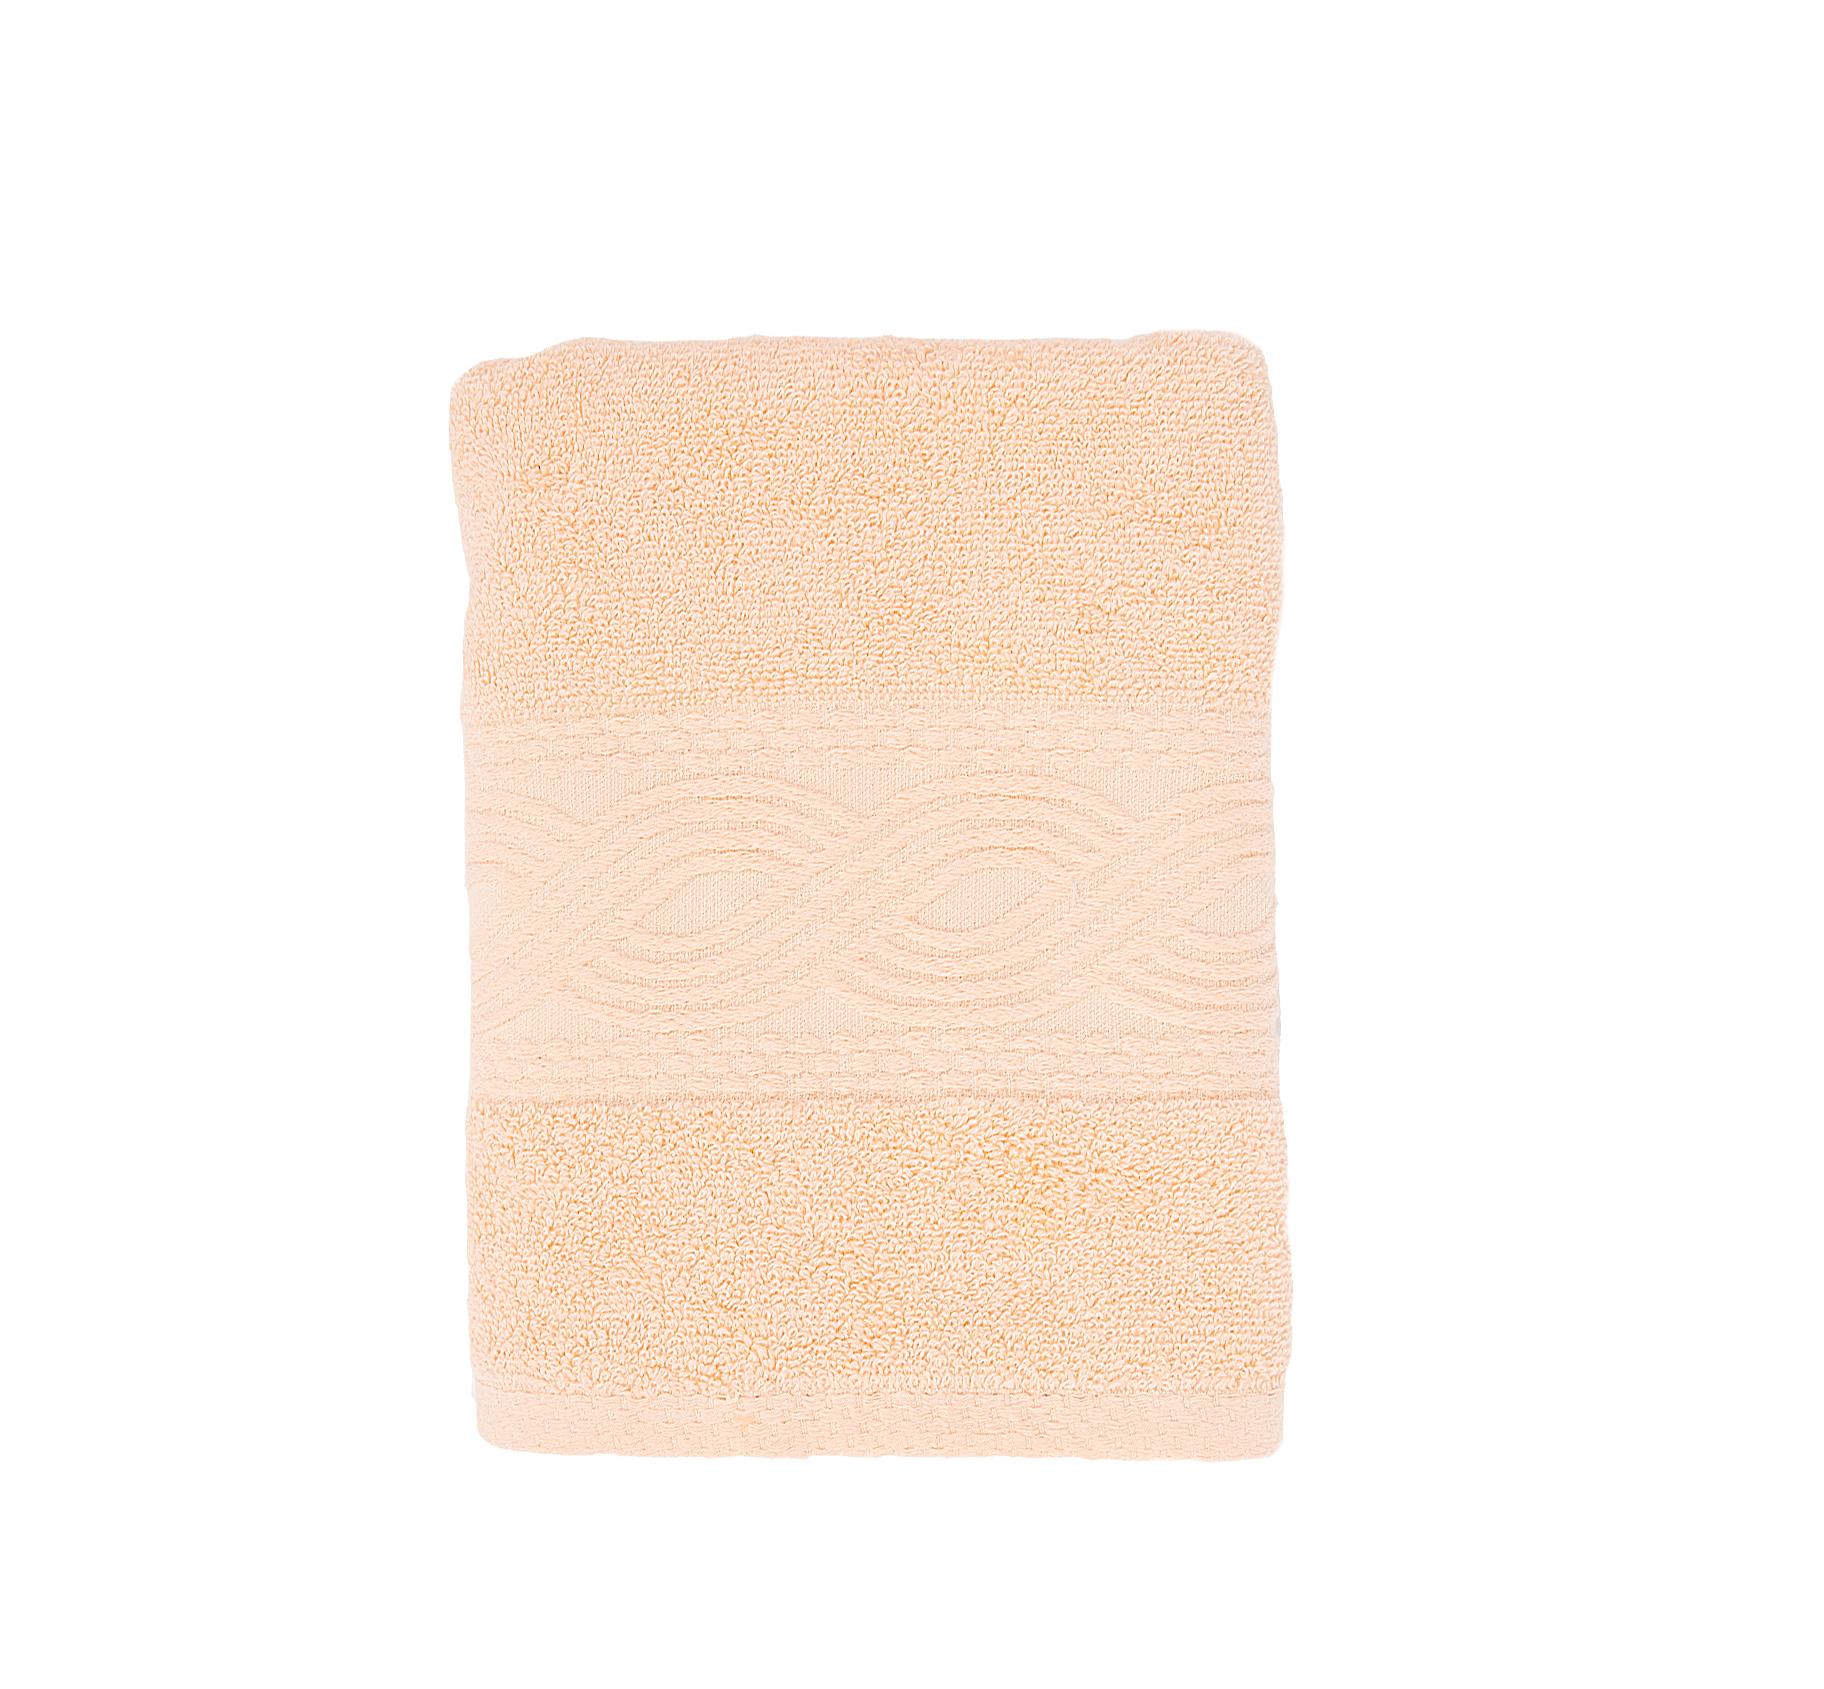 Купить Полотенца Унисон, Полотенце Анкона Цвет: Персиковый (50х90 см), Россия, Махра